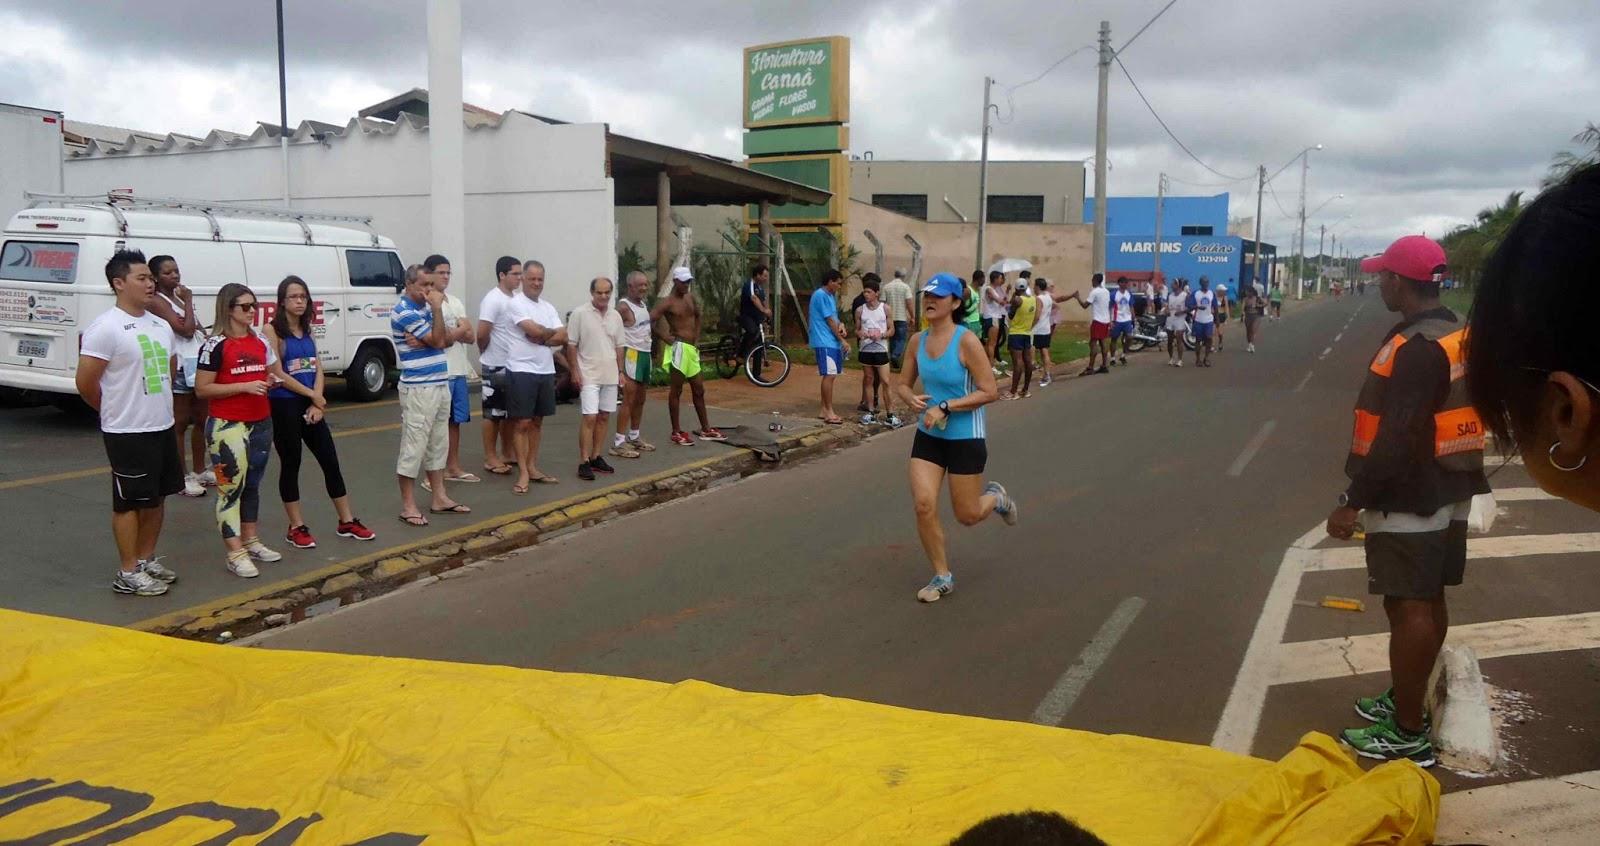 Foto 176 da 1ª Corrida Av. dos Coqueiros em Barretos-SP 14/04/2013 – Atletas cruzando a linha de chegada